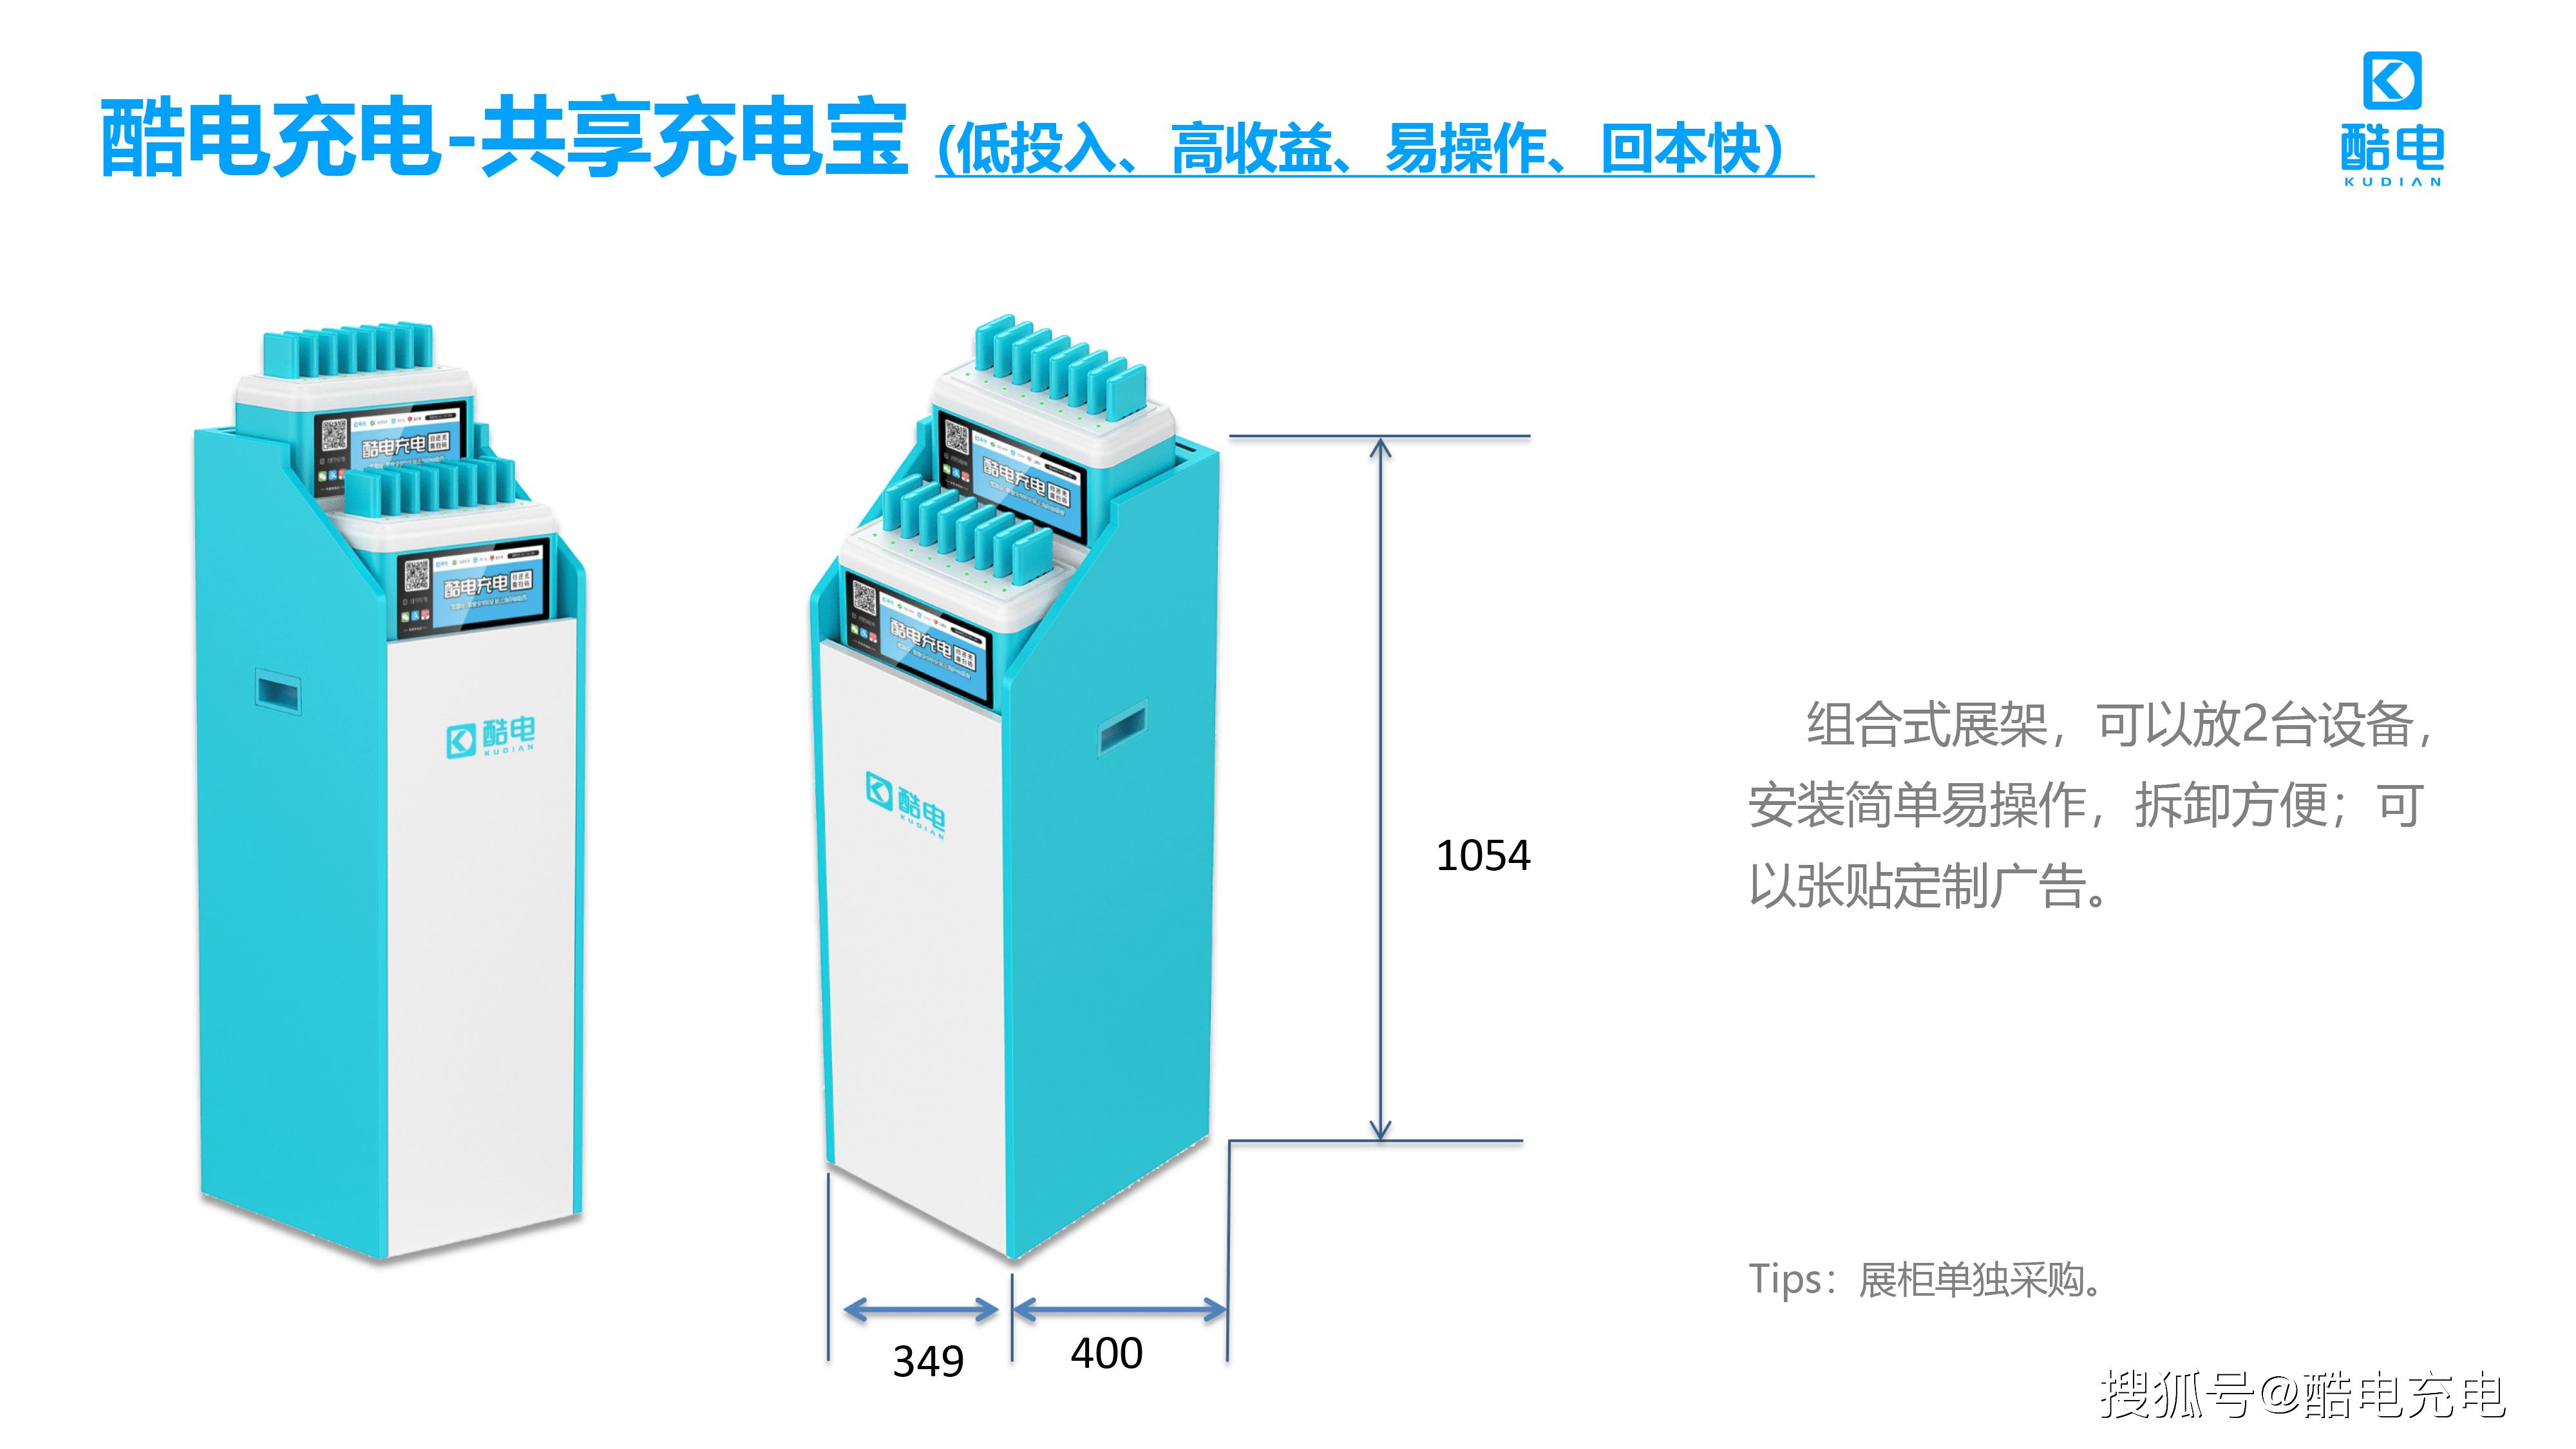 """共享充电宝:共享经济不是万能胶水,贴啥都能""""百合""""!"""